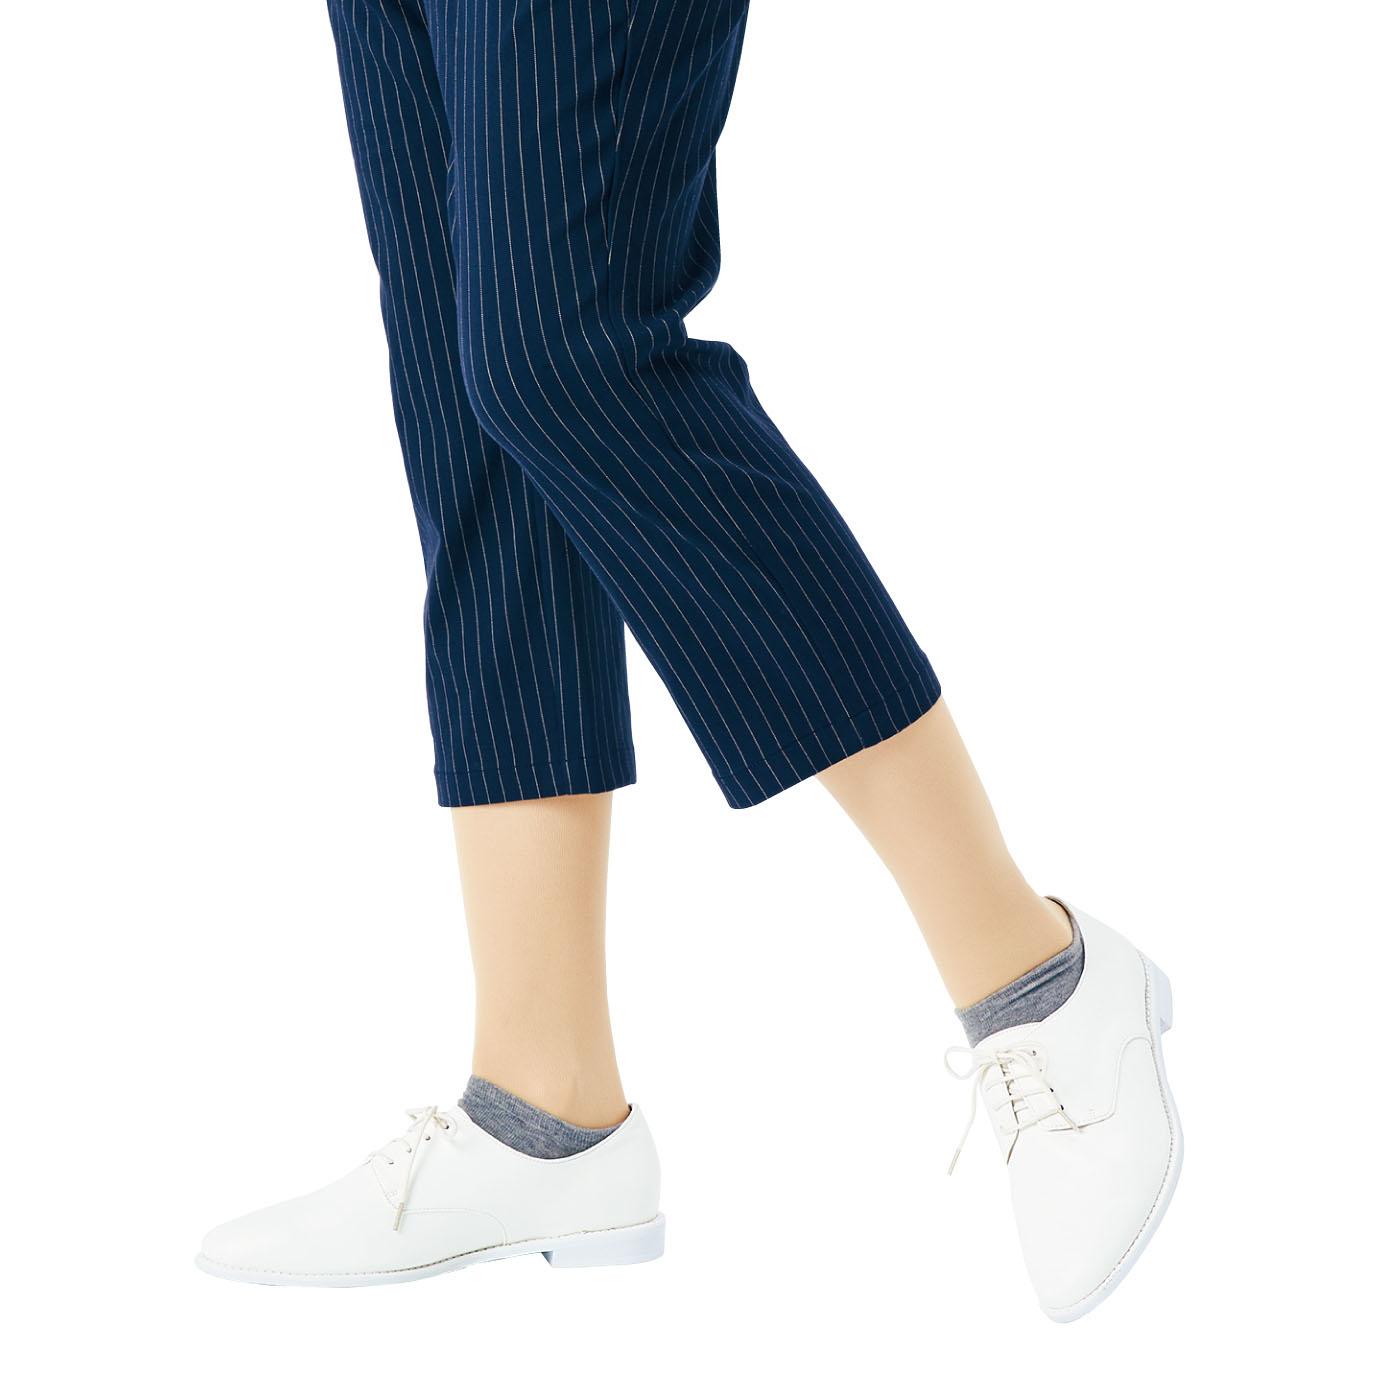 いろんなボトムスに合わせやすい、ひざ下丈。 ストッキングはやや厚め生地。ナマ足をきれいに見せる絶妙ベージュです。